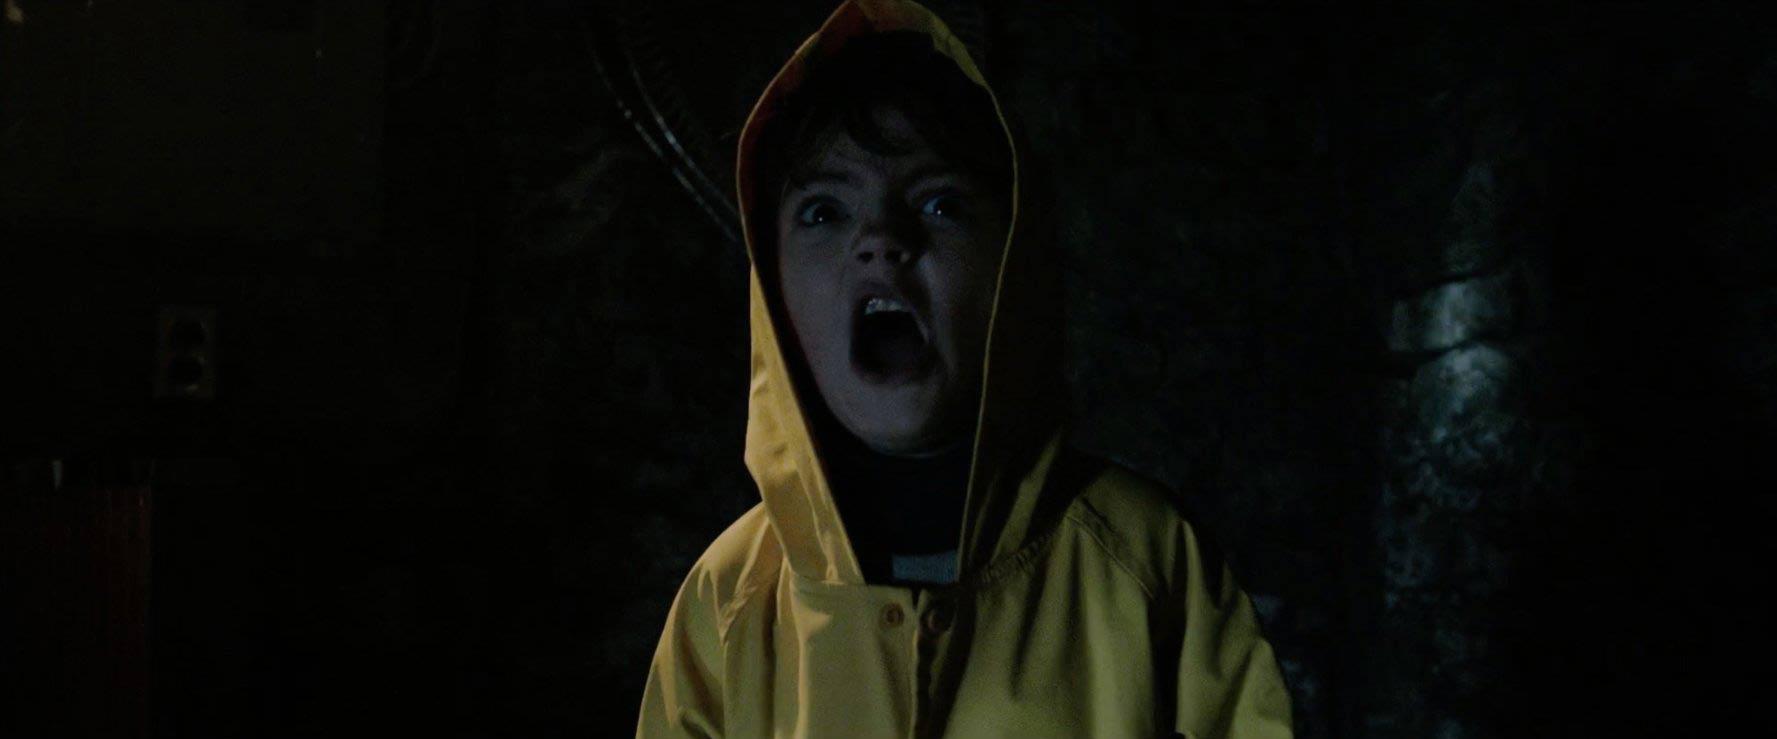 IT - Nỗi ám ảnh kinh hoàng từ tên hề đáng sợ nhất trên màn ảnh - Ảnh 3.